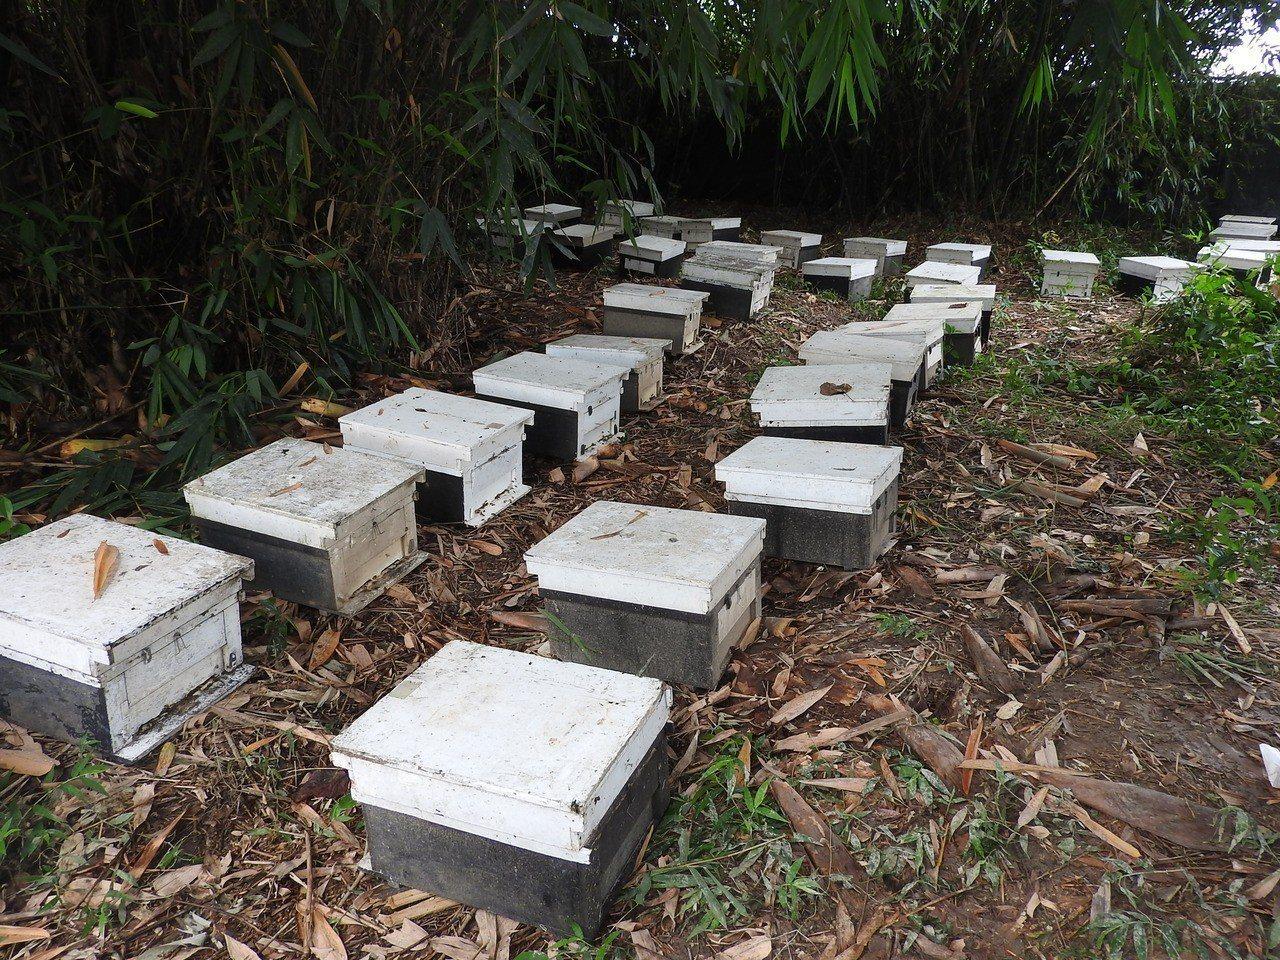 受災蜂農發現蜜蜂又疑因農業用藥大量死亡,緊急將蜂箱移至郊區竹林,之後再做二次遷移...